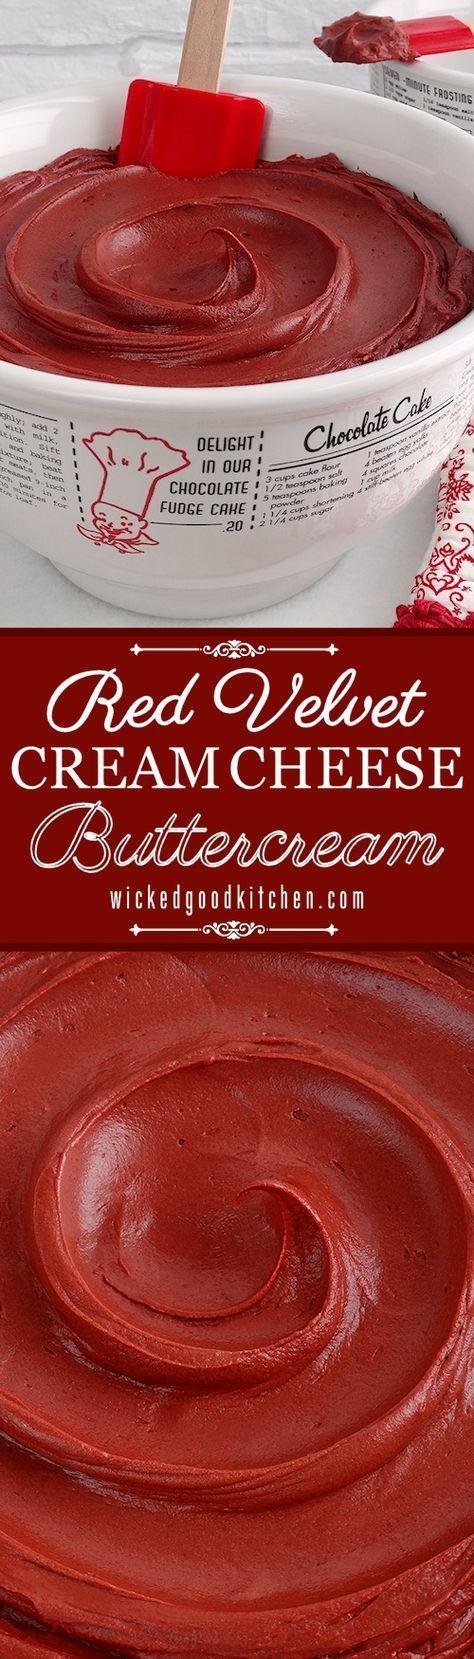 Red Velvet Crema de queso crema de mantequilla ~ La mejor terciopelo rojo que hiela receta! Nuestro popular crema de mantequilla queso crema con la cantidad justa de cacao rico y el color rojo del alimento natural para el color y el sabor de la torta de terciopelo rojo clásico en el lugar. Canaliza muy bien, la textura es como la crema batida y sabe exactamente como la de terciopelo rojo pastel de queso!